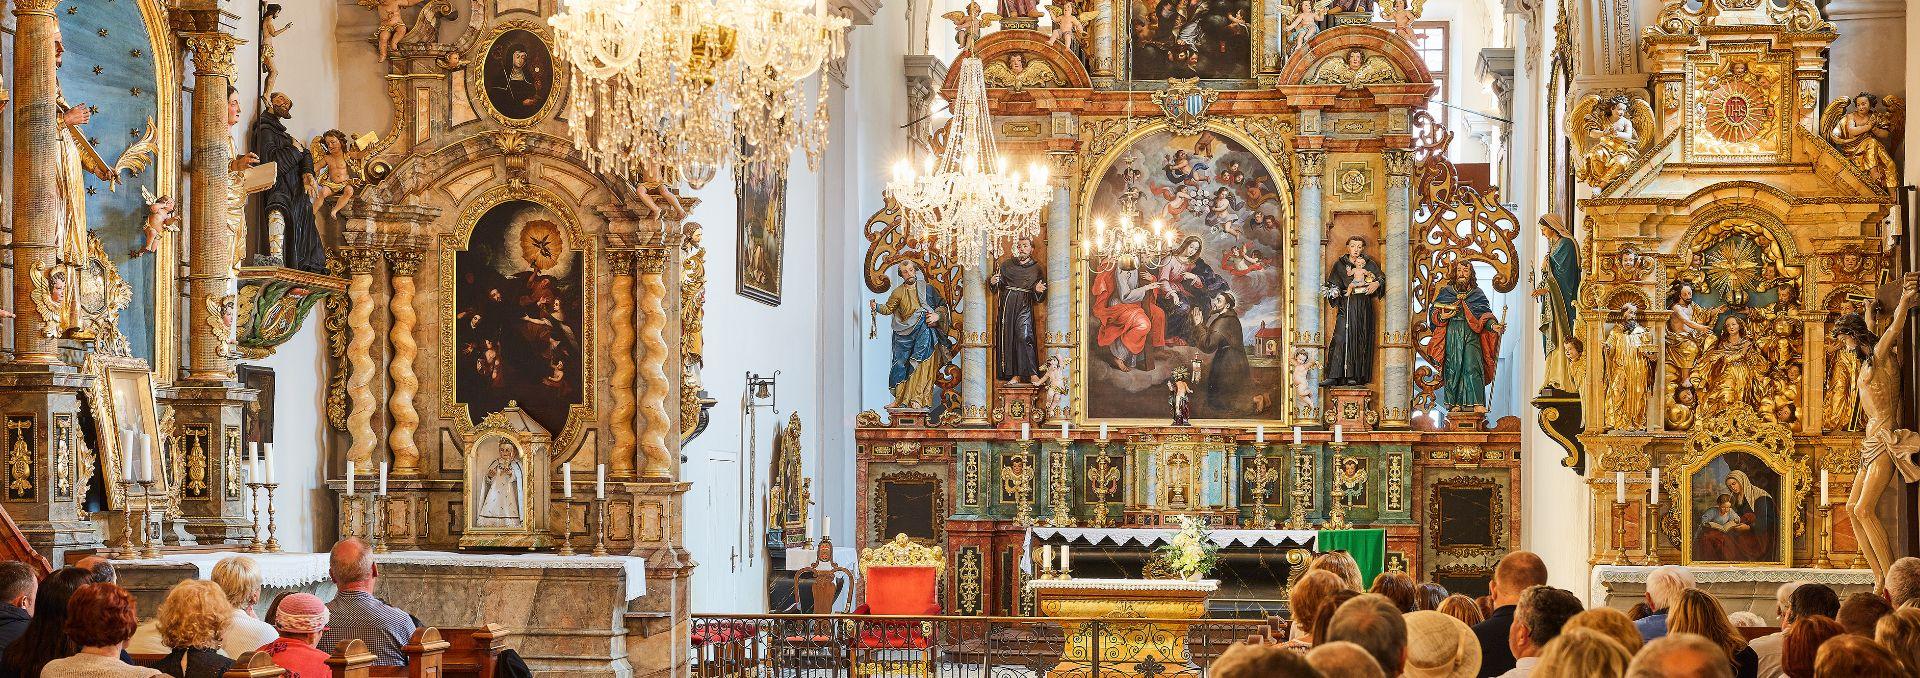 Church of Corpus Christi and the Grieving Virgin Mary